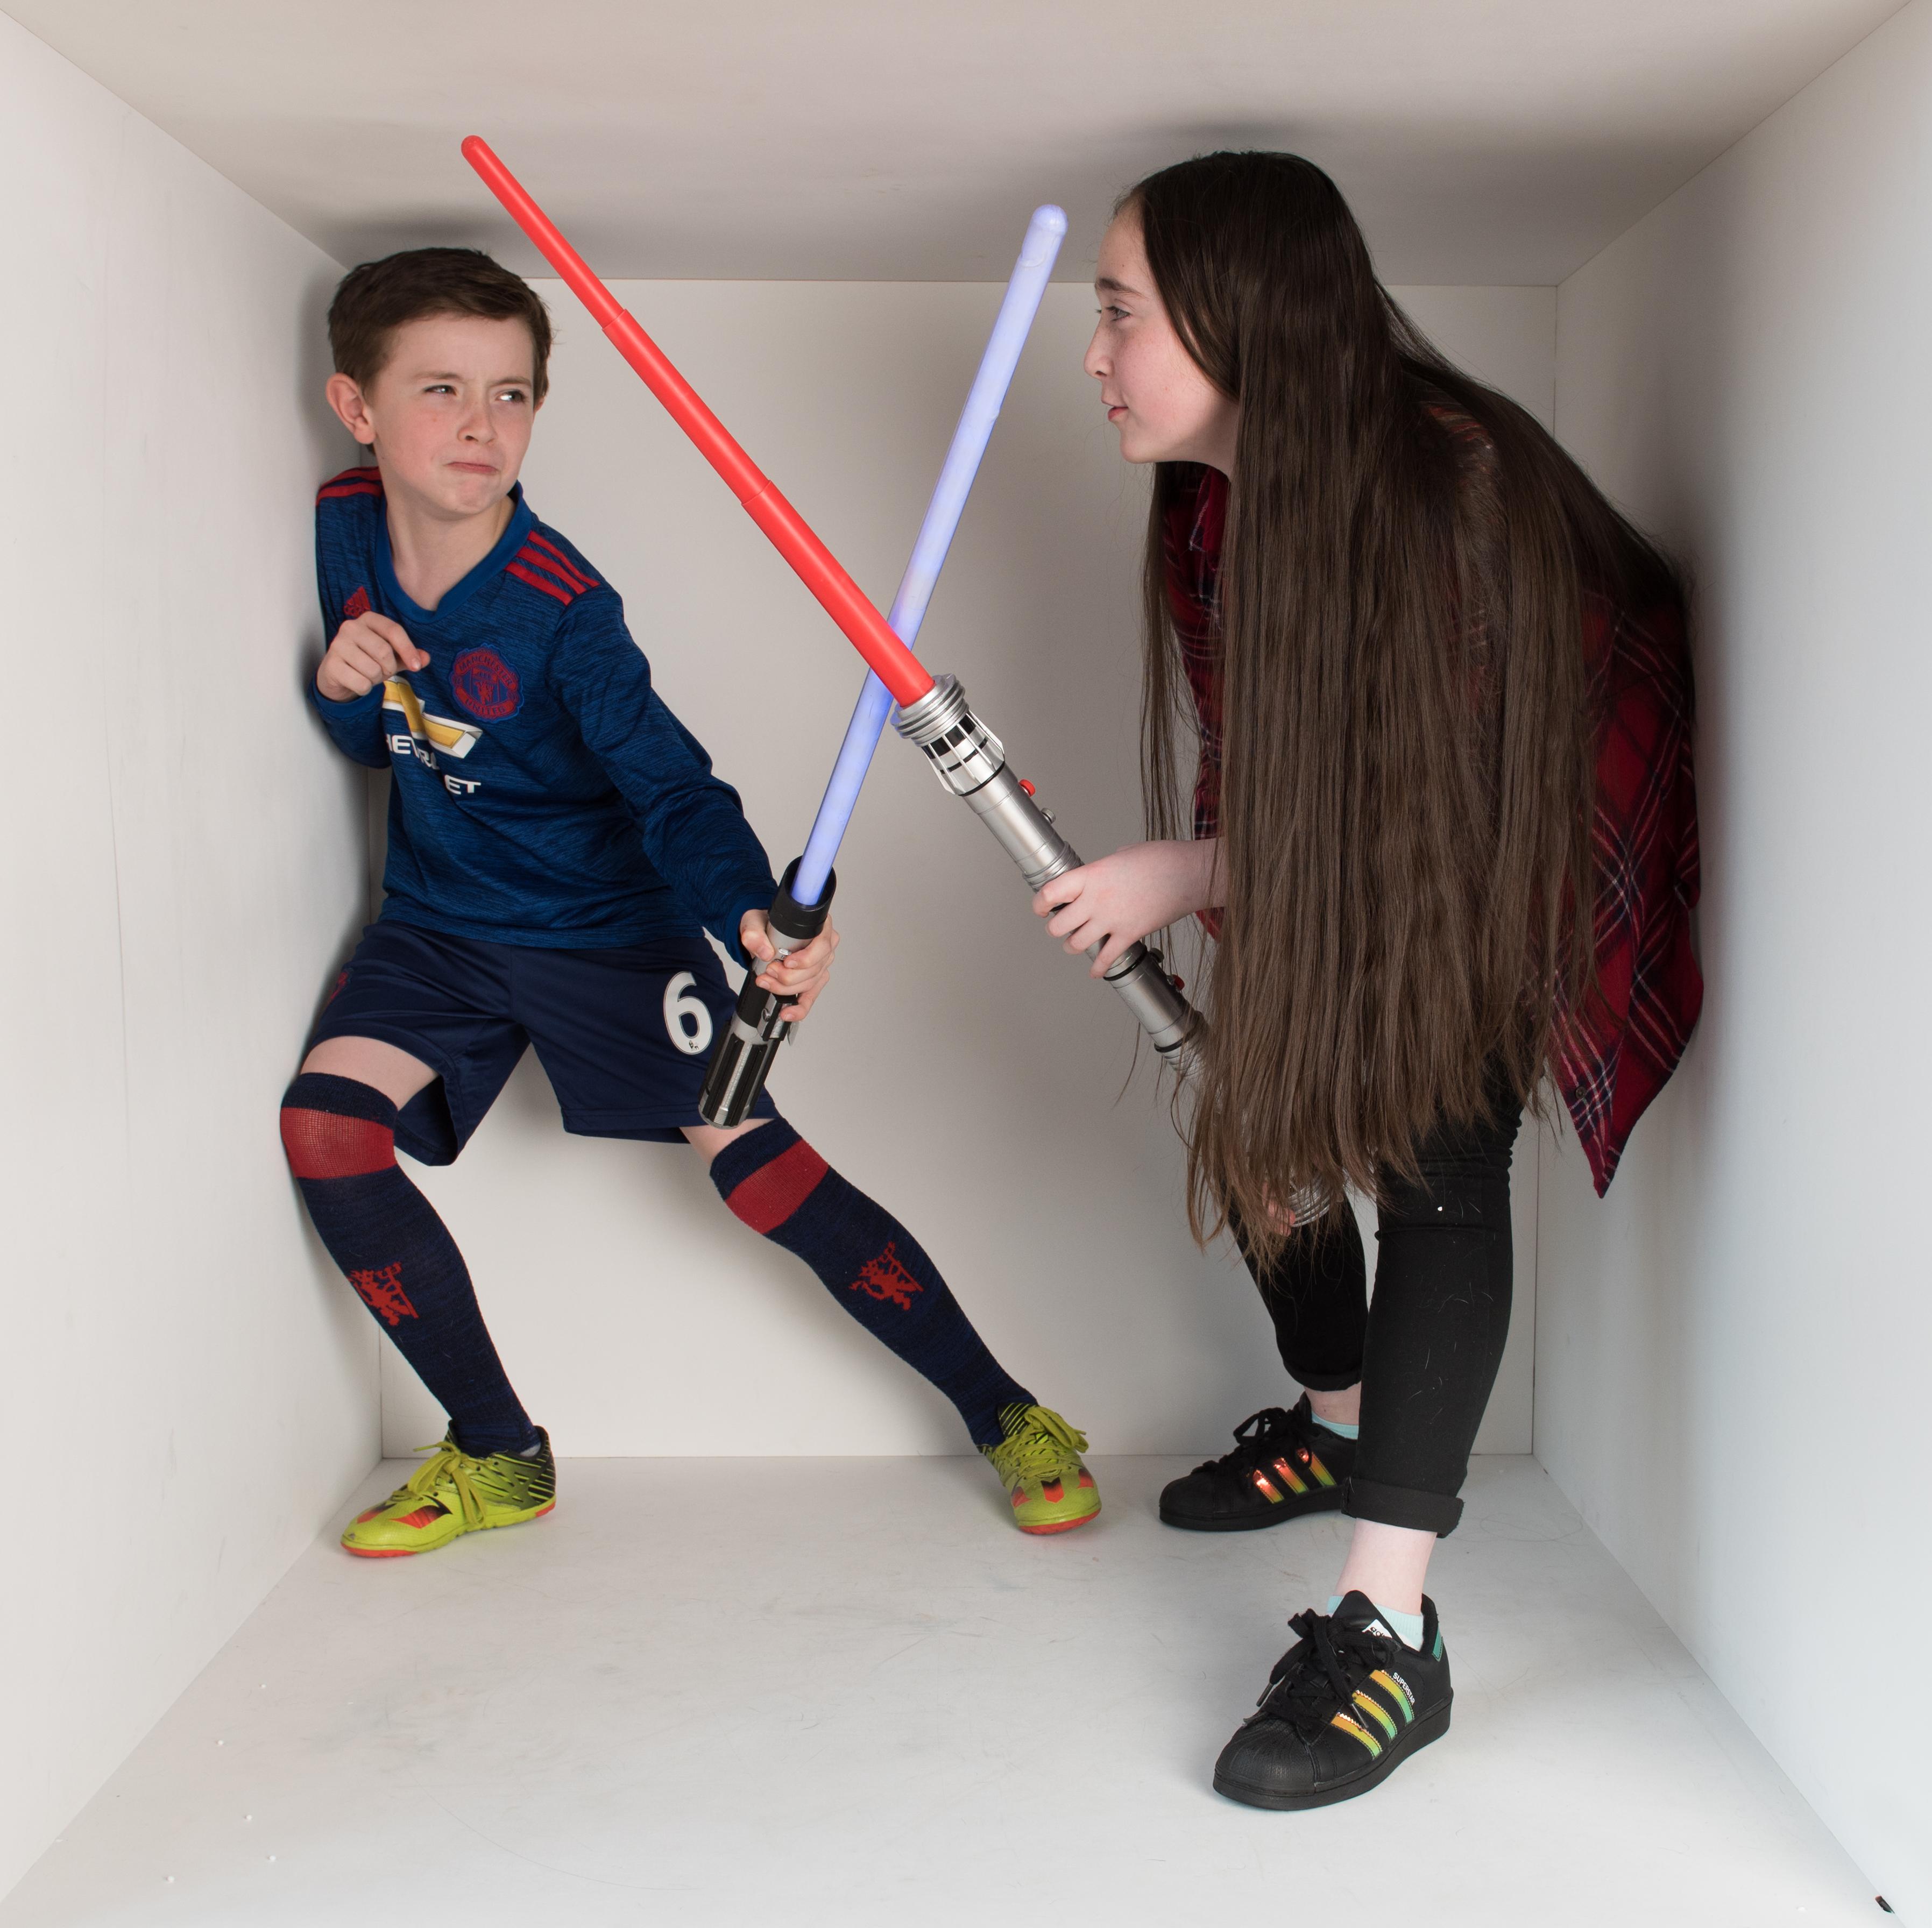 Star Wars, light sabers